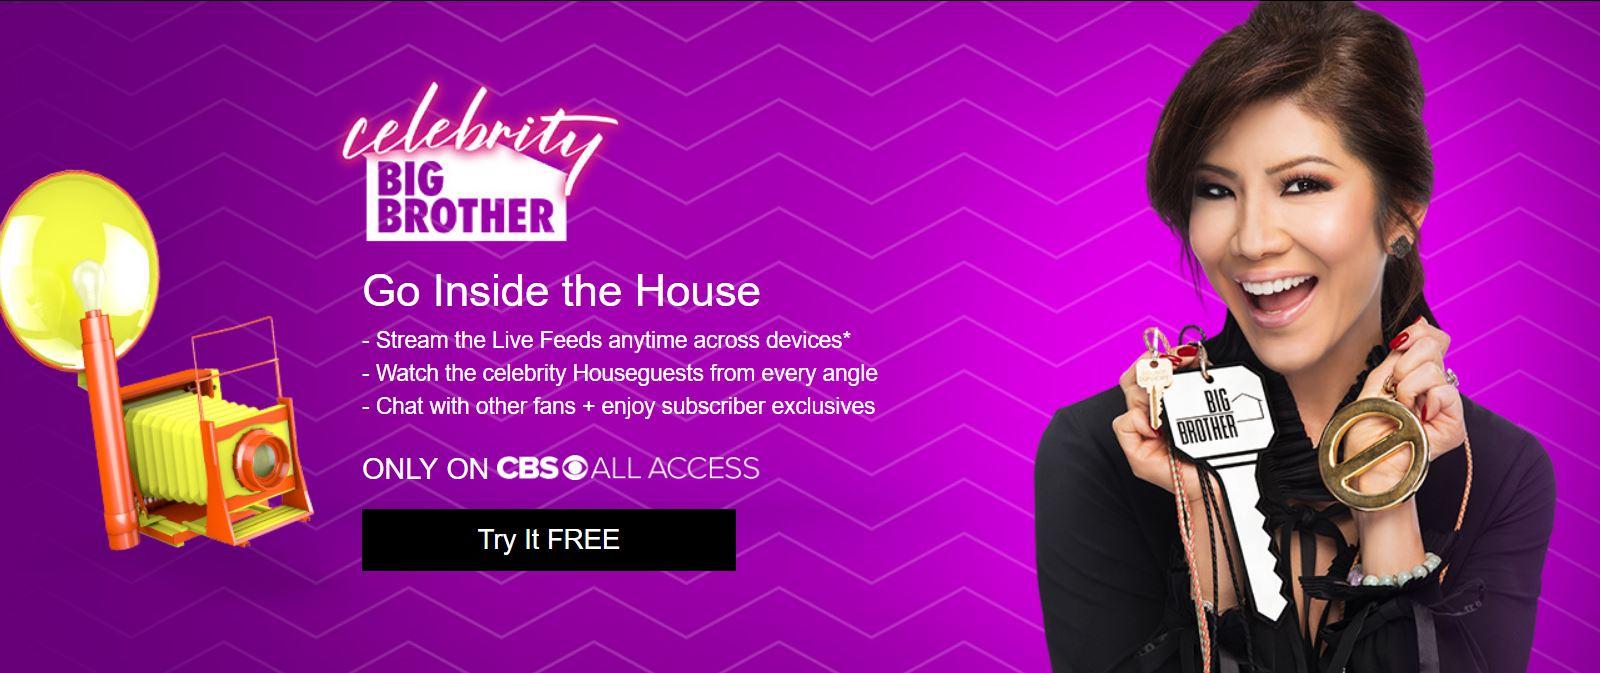 CBB Live Feeds Ad